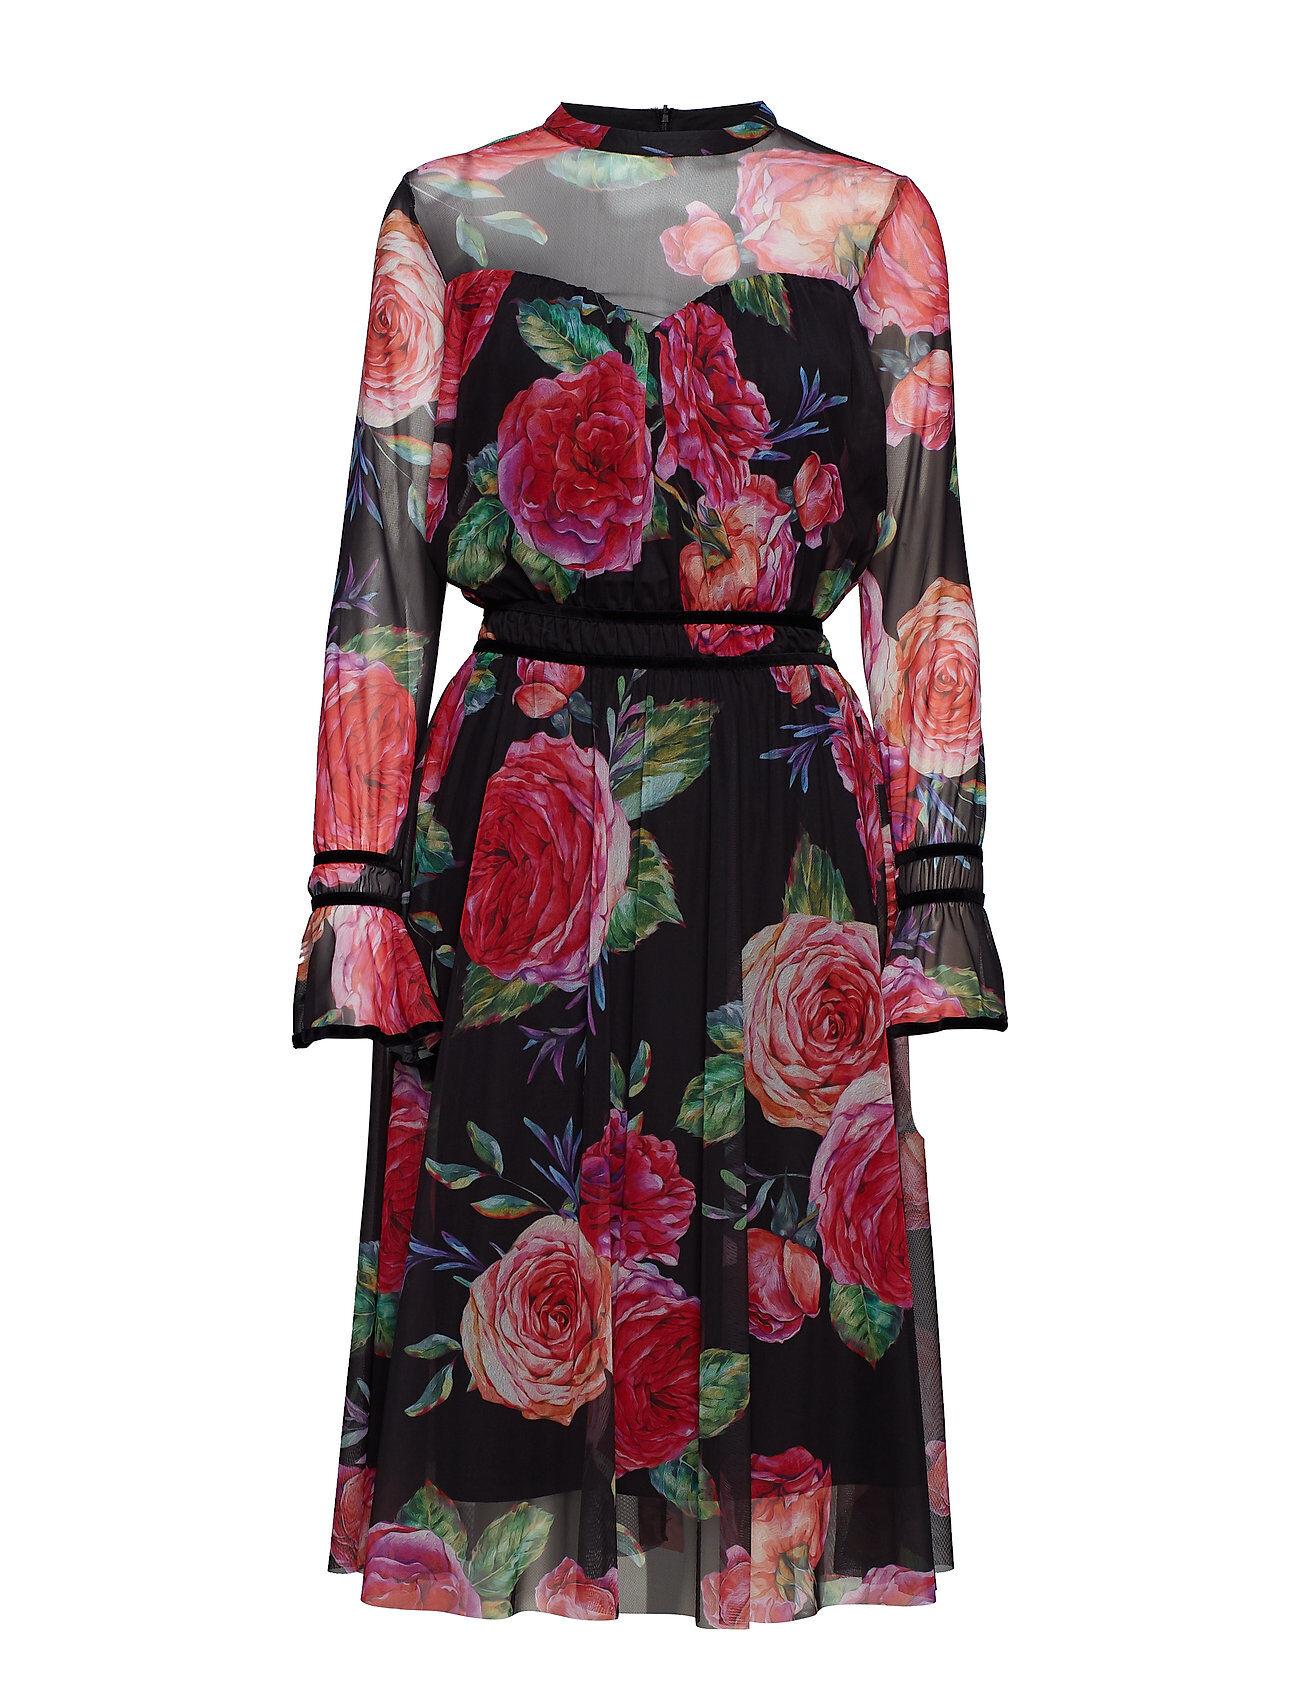 Yasmellow Ls Dress - Da